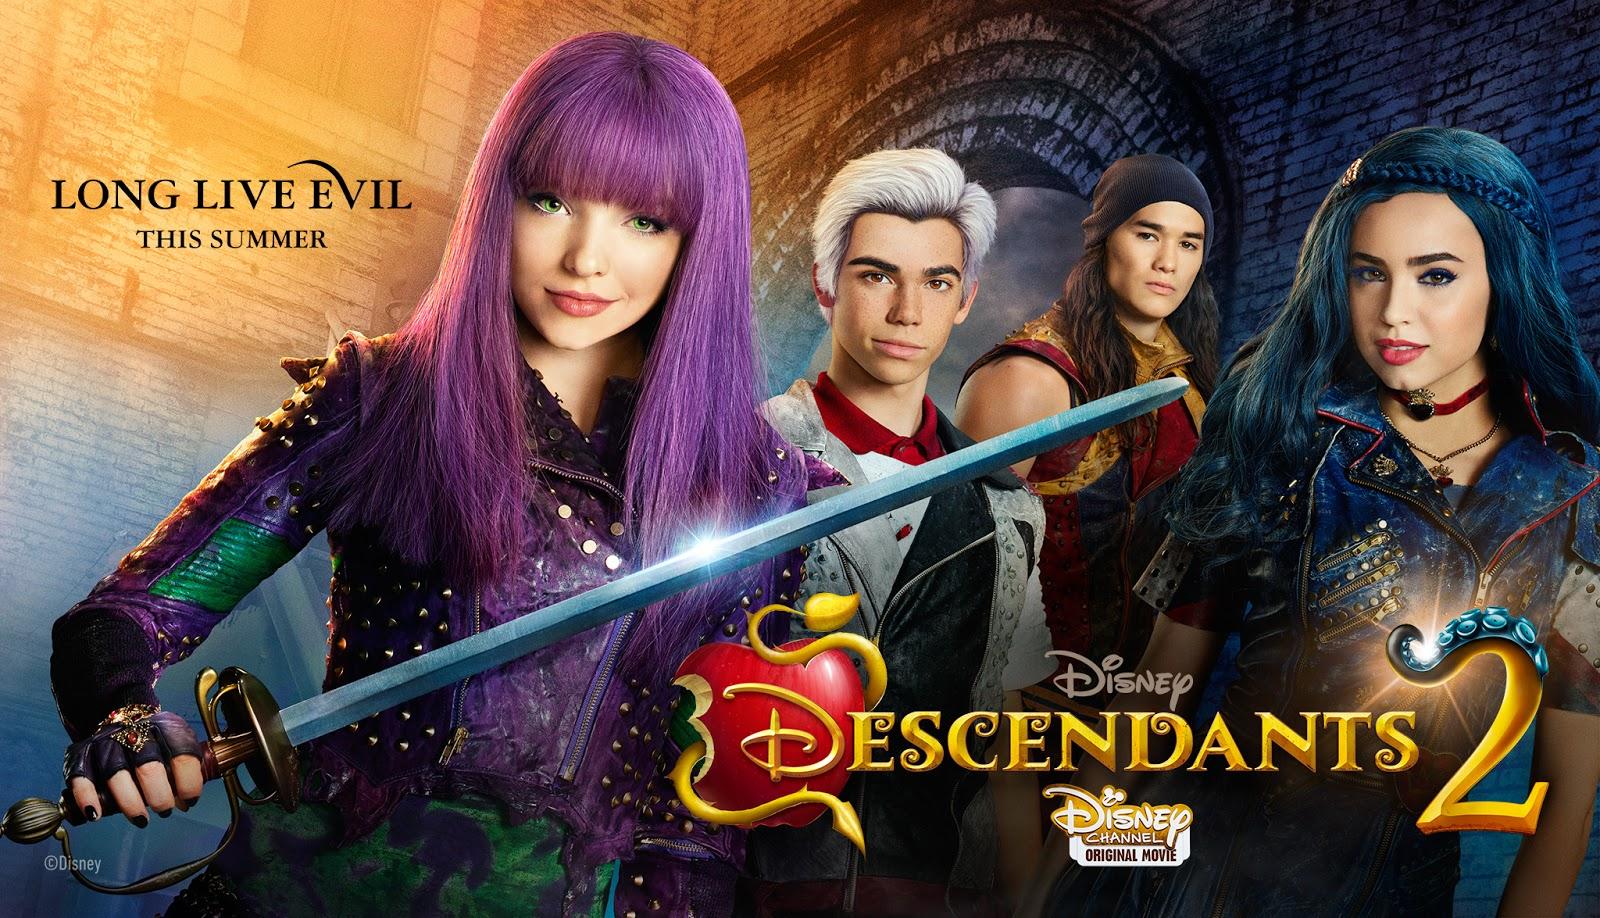 Descendants 2 รวมพลทายาทตัวร้าย 2 (2017)